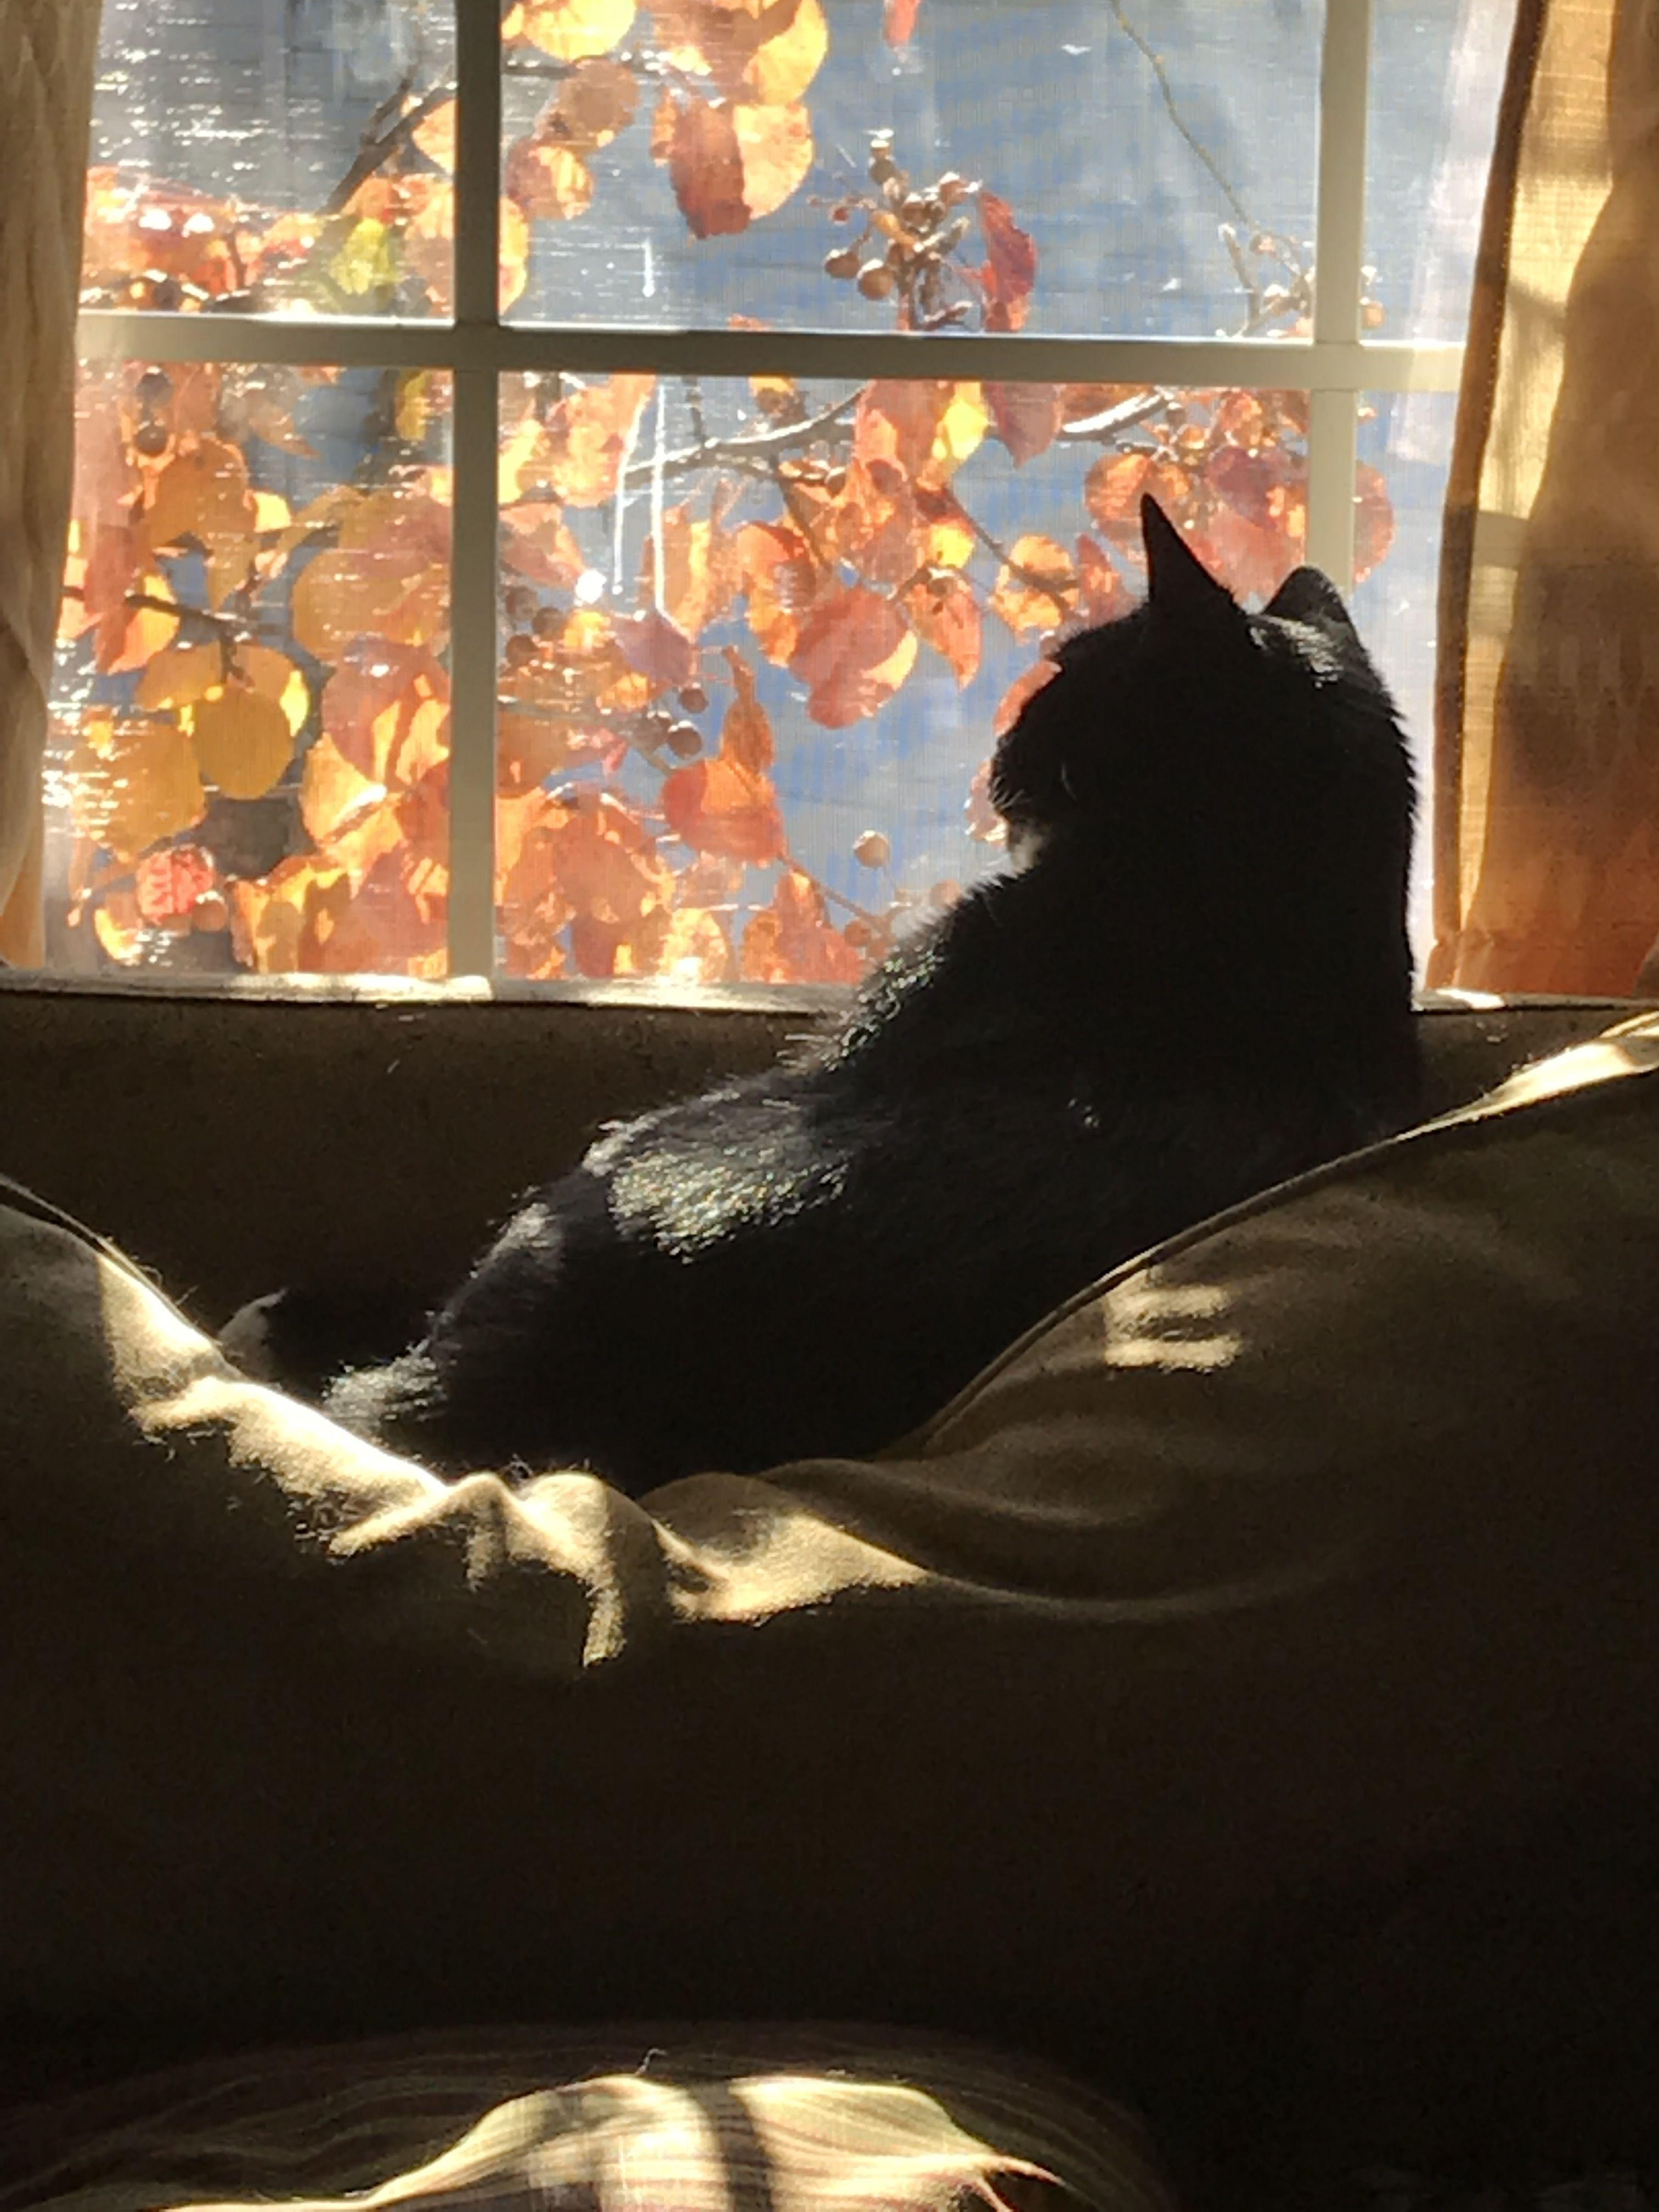 Картинки два котика черный и рыжий под пледом у окна зимой, для